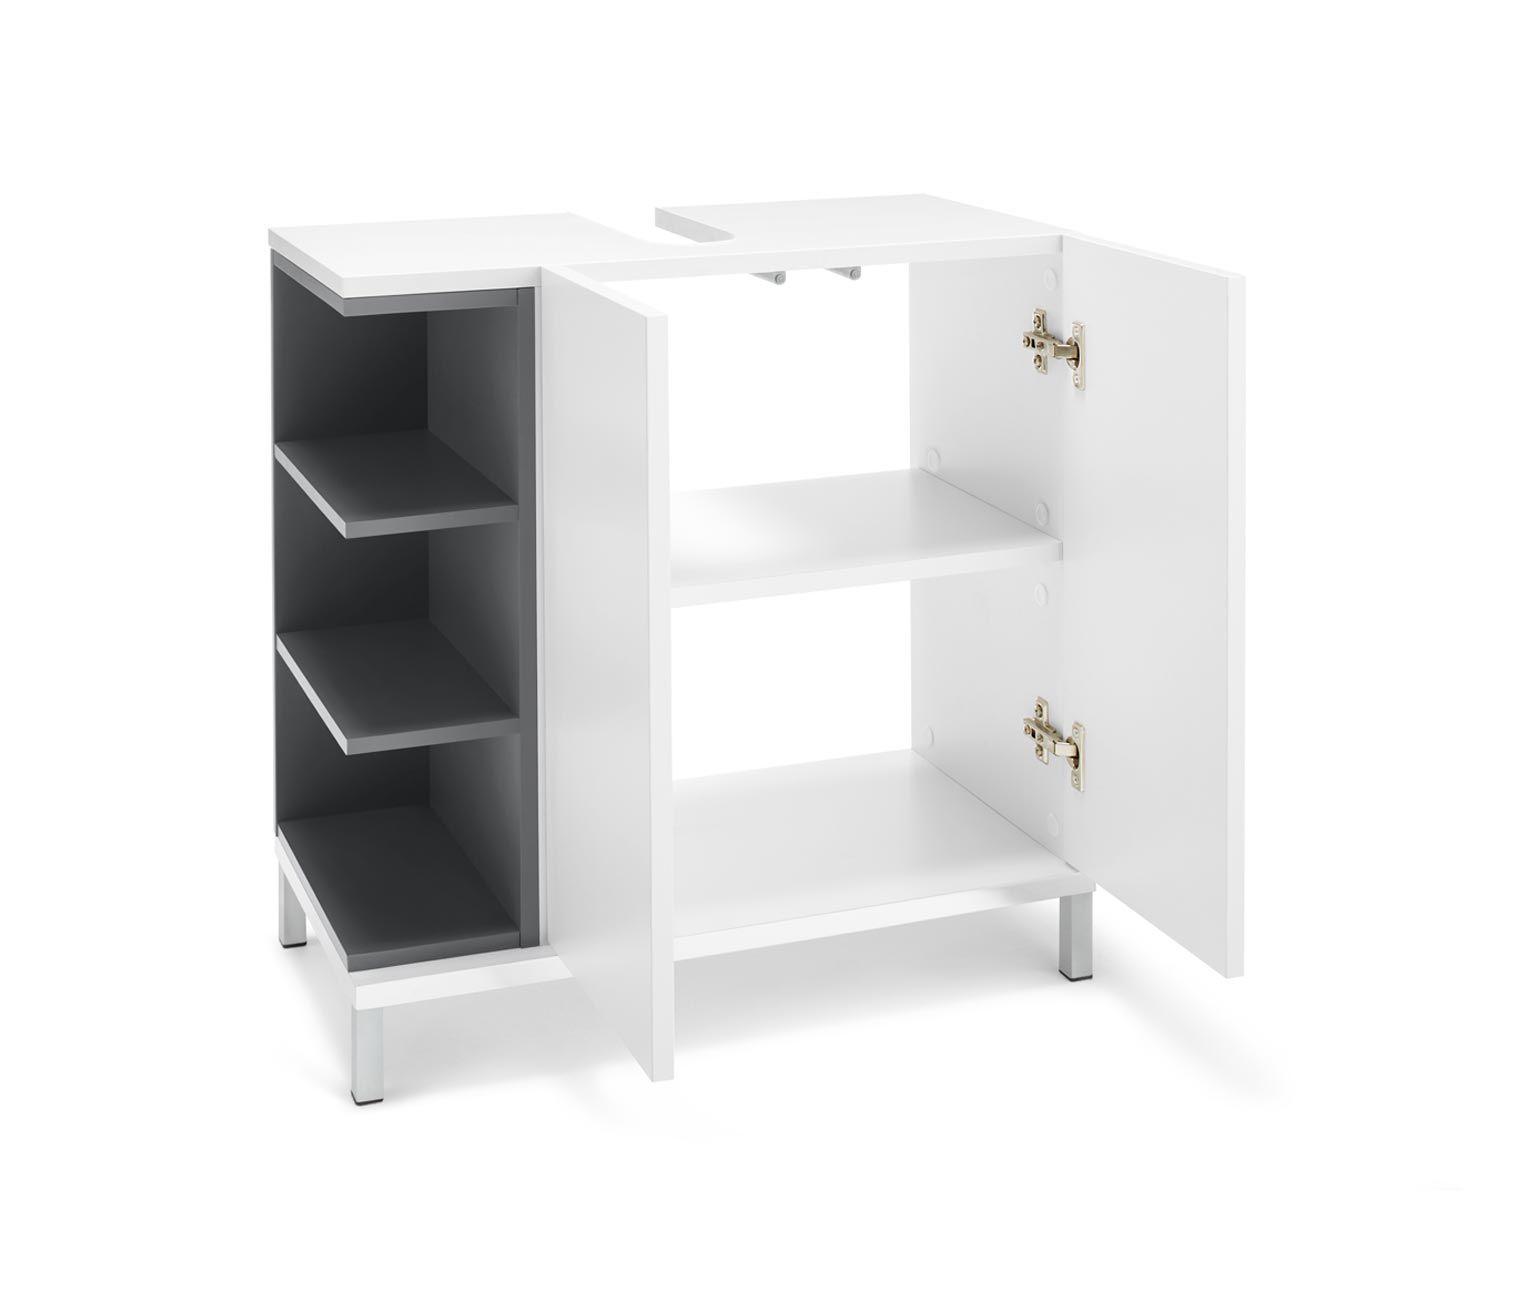 Waschbeckenunterschrank Vario Look Online Bestellen Bei Tchibo 343123 Waschbeckenunterschrank Schrank Badezimmer